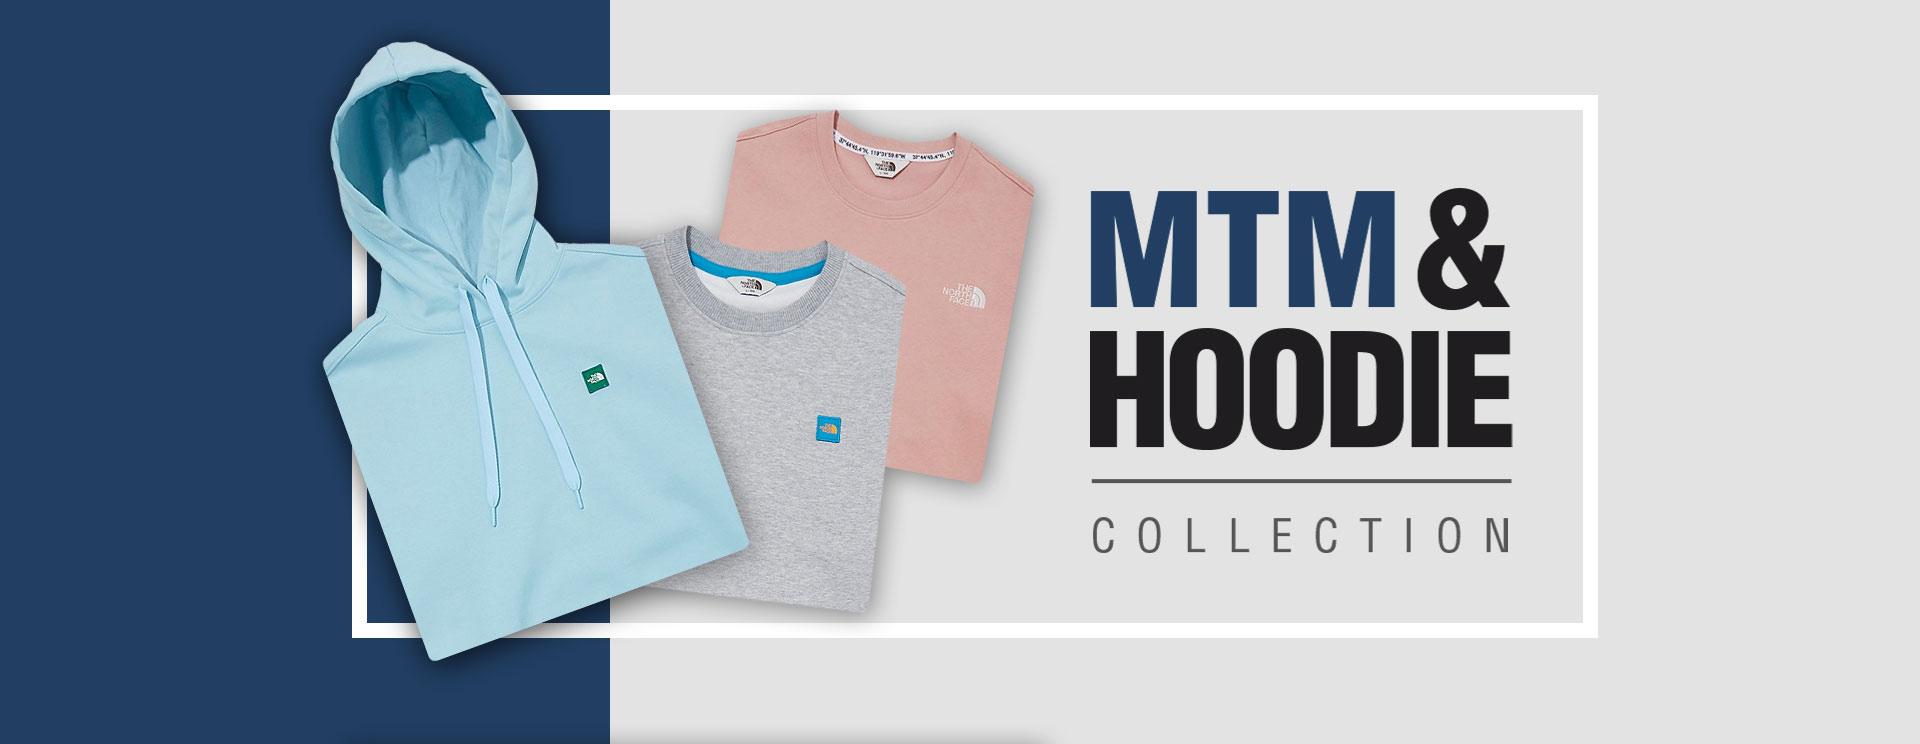 MTM&HODDIE COLLECTION